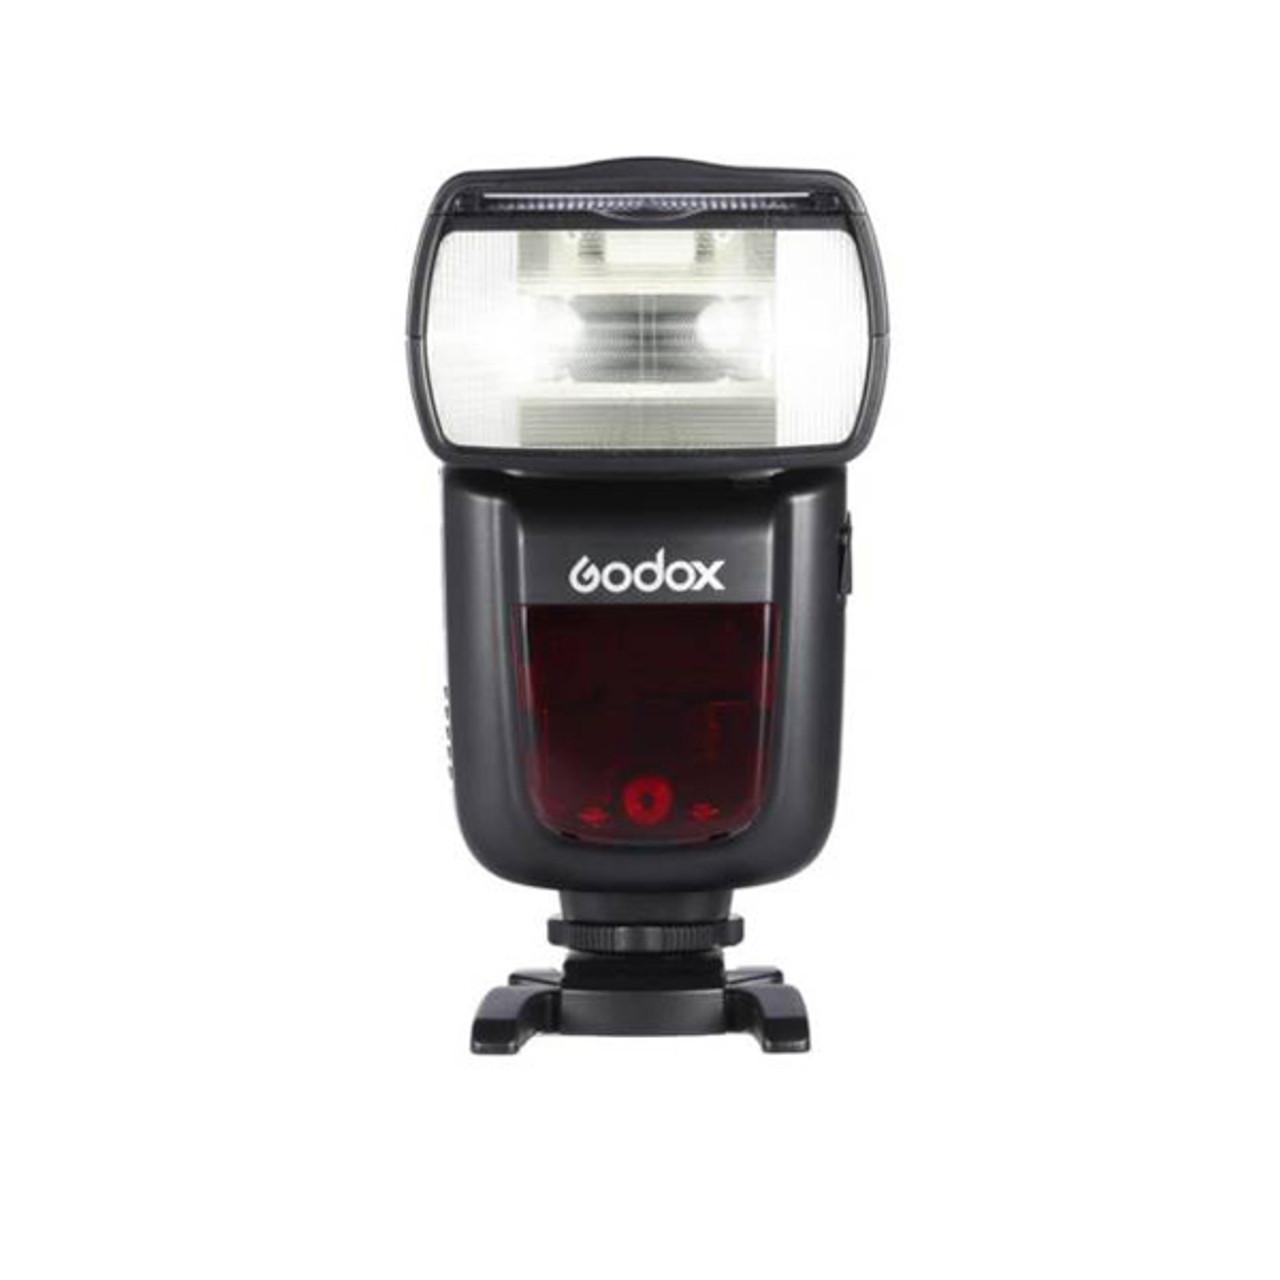 Godox V860II Flash for Sony